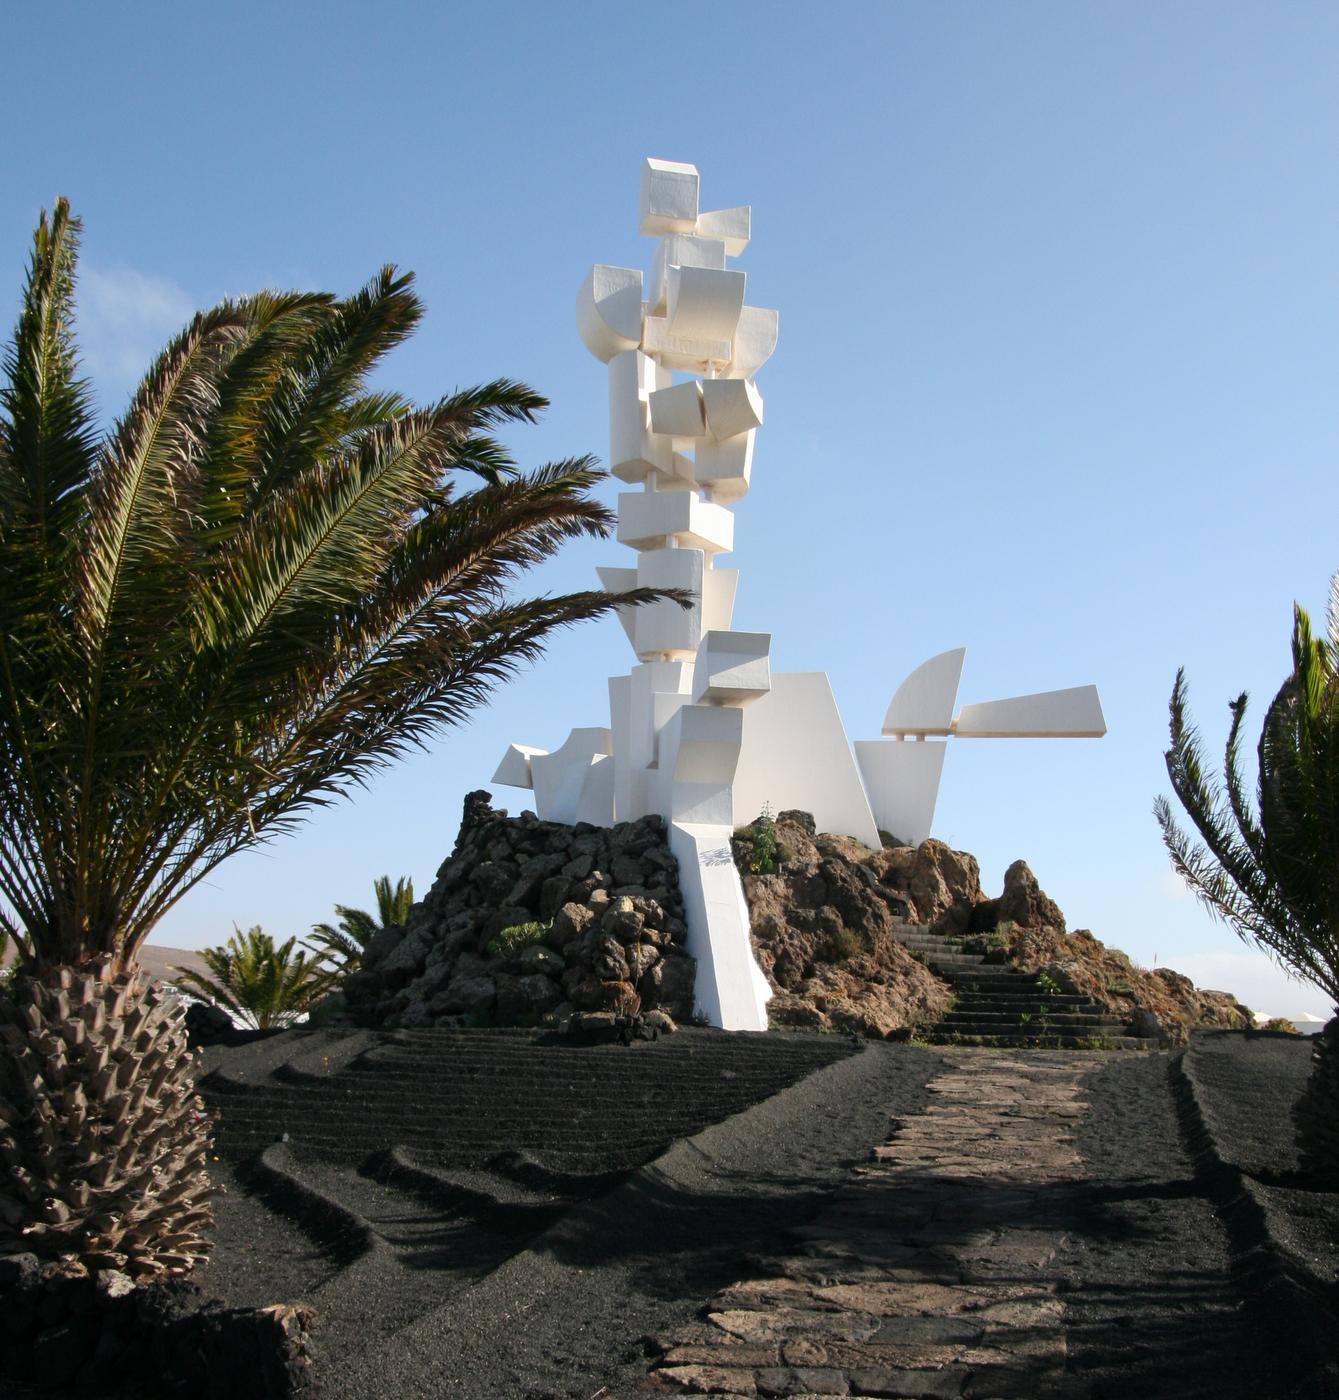 Monumento al campesino wikipedia - Cesar manrique wikipedia ...